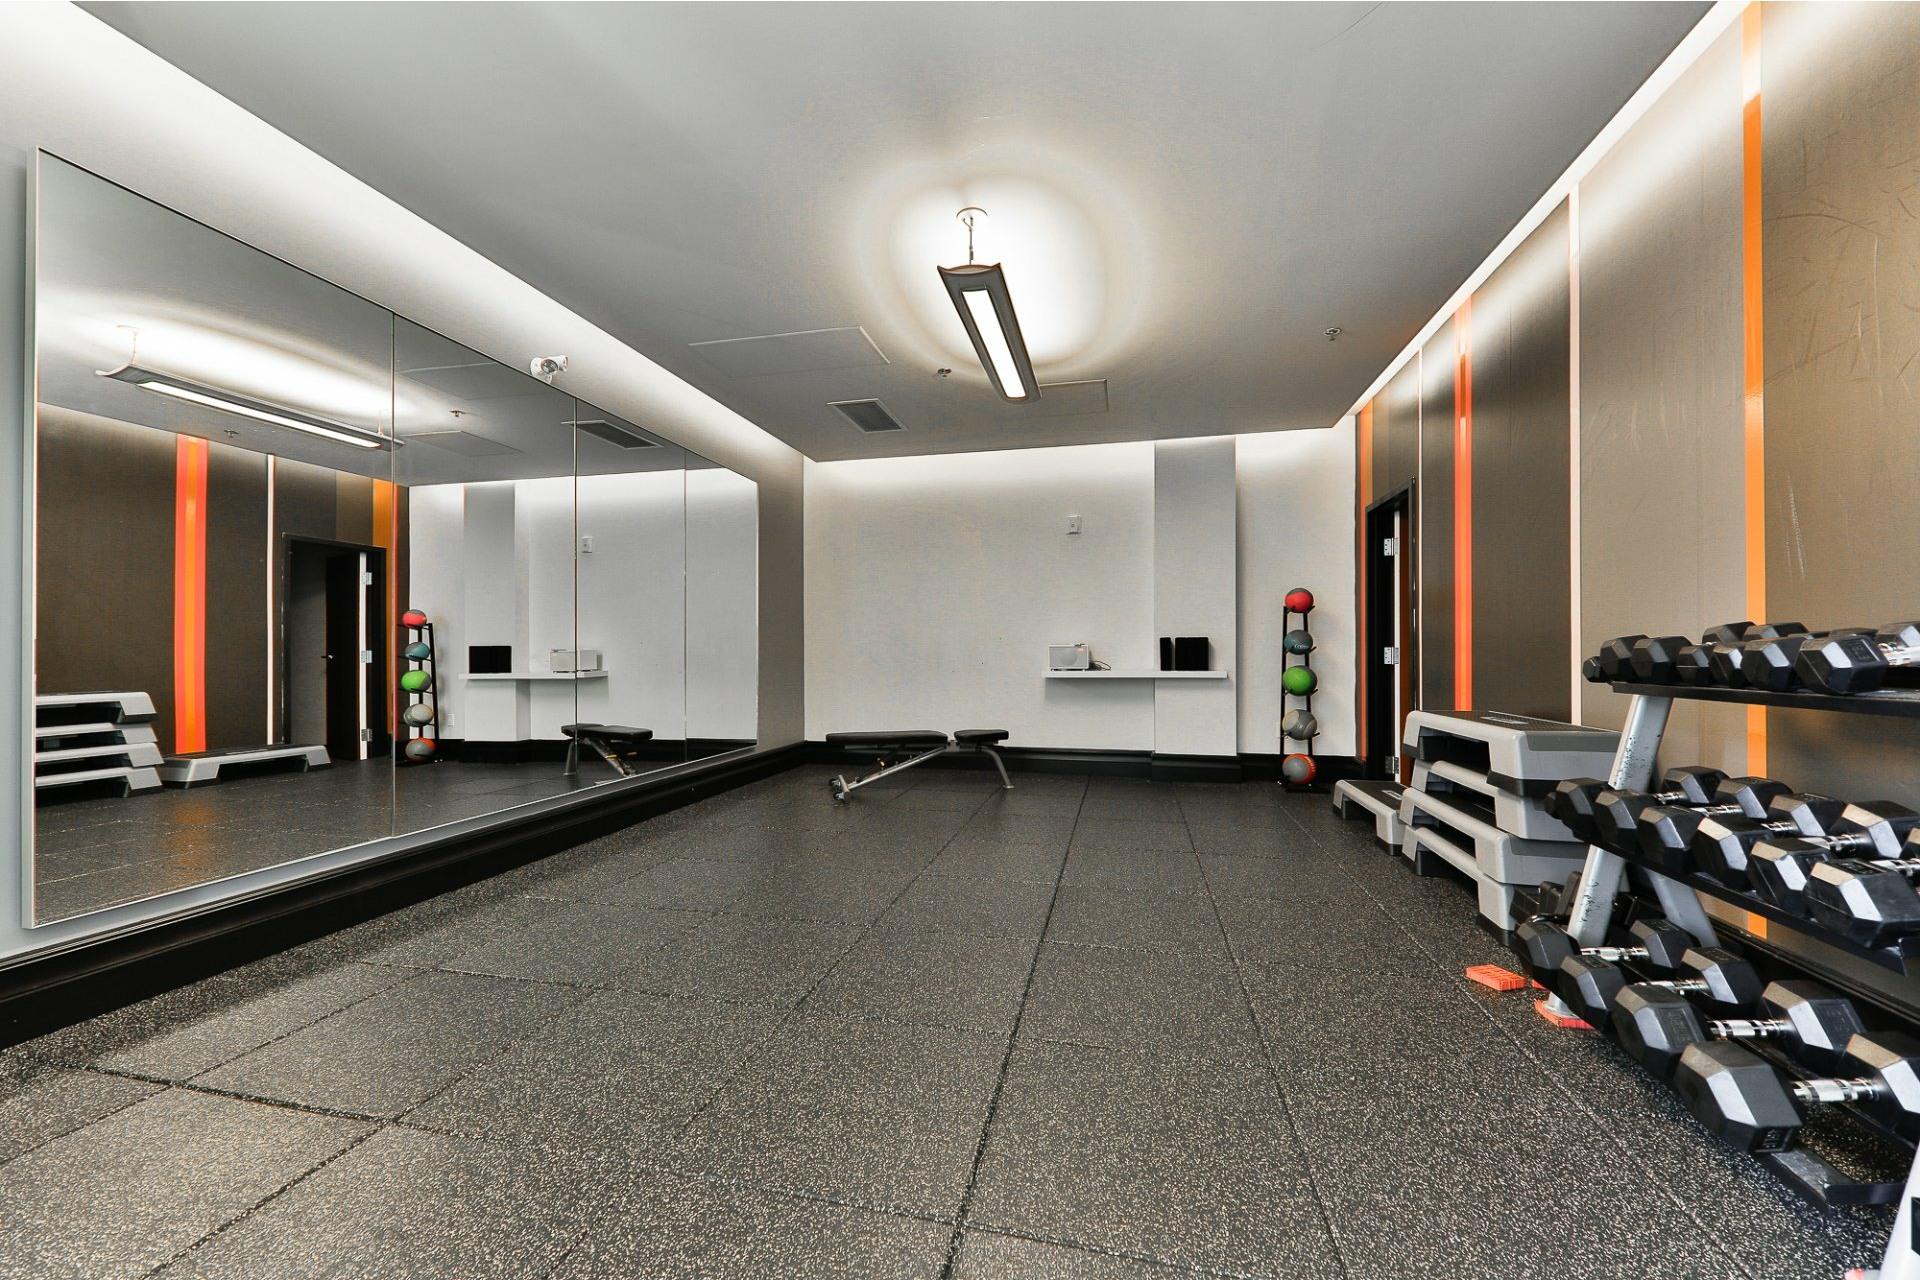 image 9 - Appartement À vendre Villeray/Saint-Michel/Parc-Extension Montréal  - 4 pièces